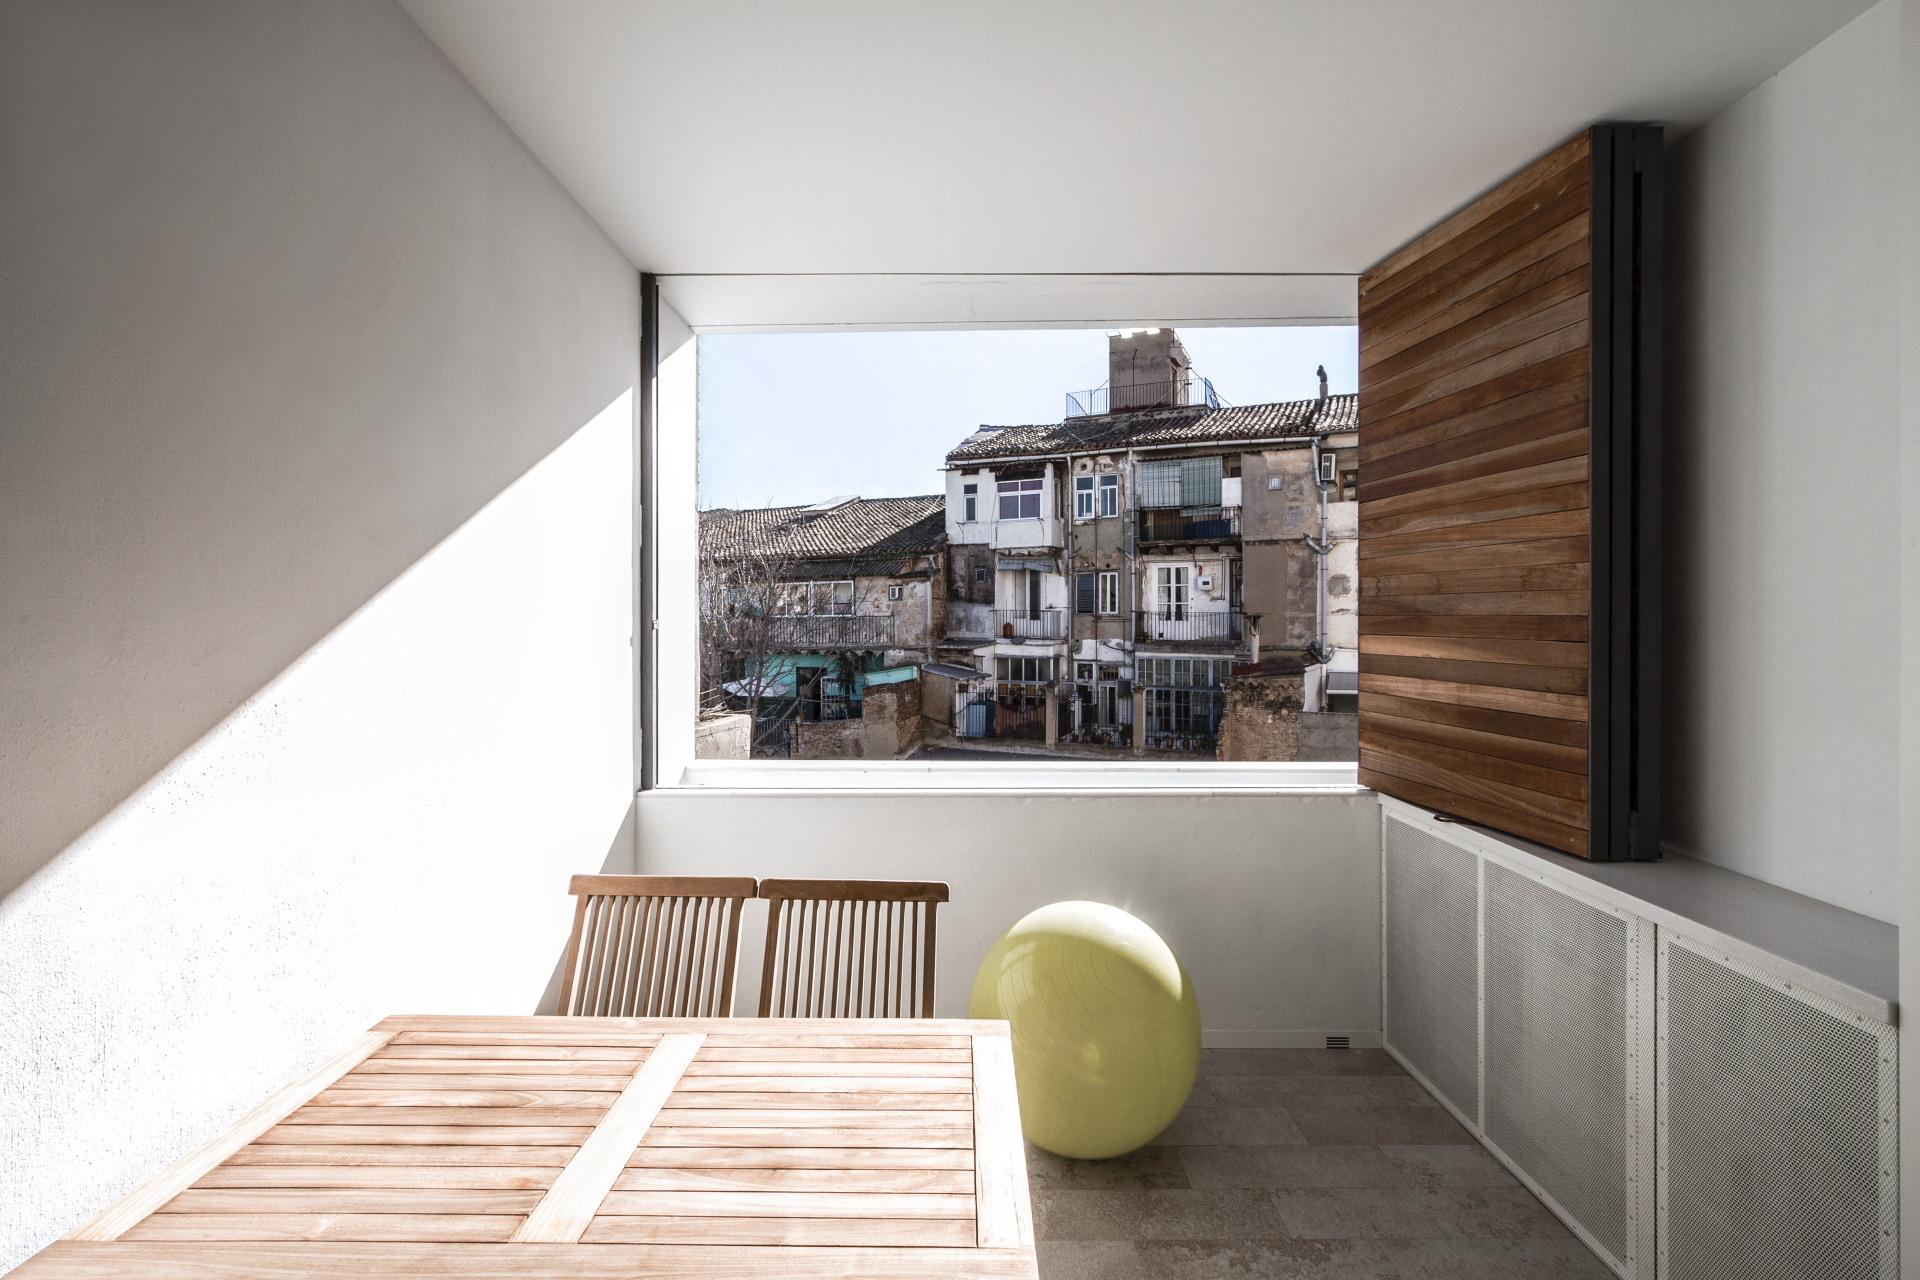 fotografia-arquitectura-valencia-german-cabo-versea-estudio (2)